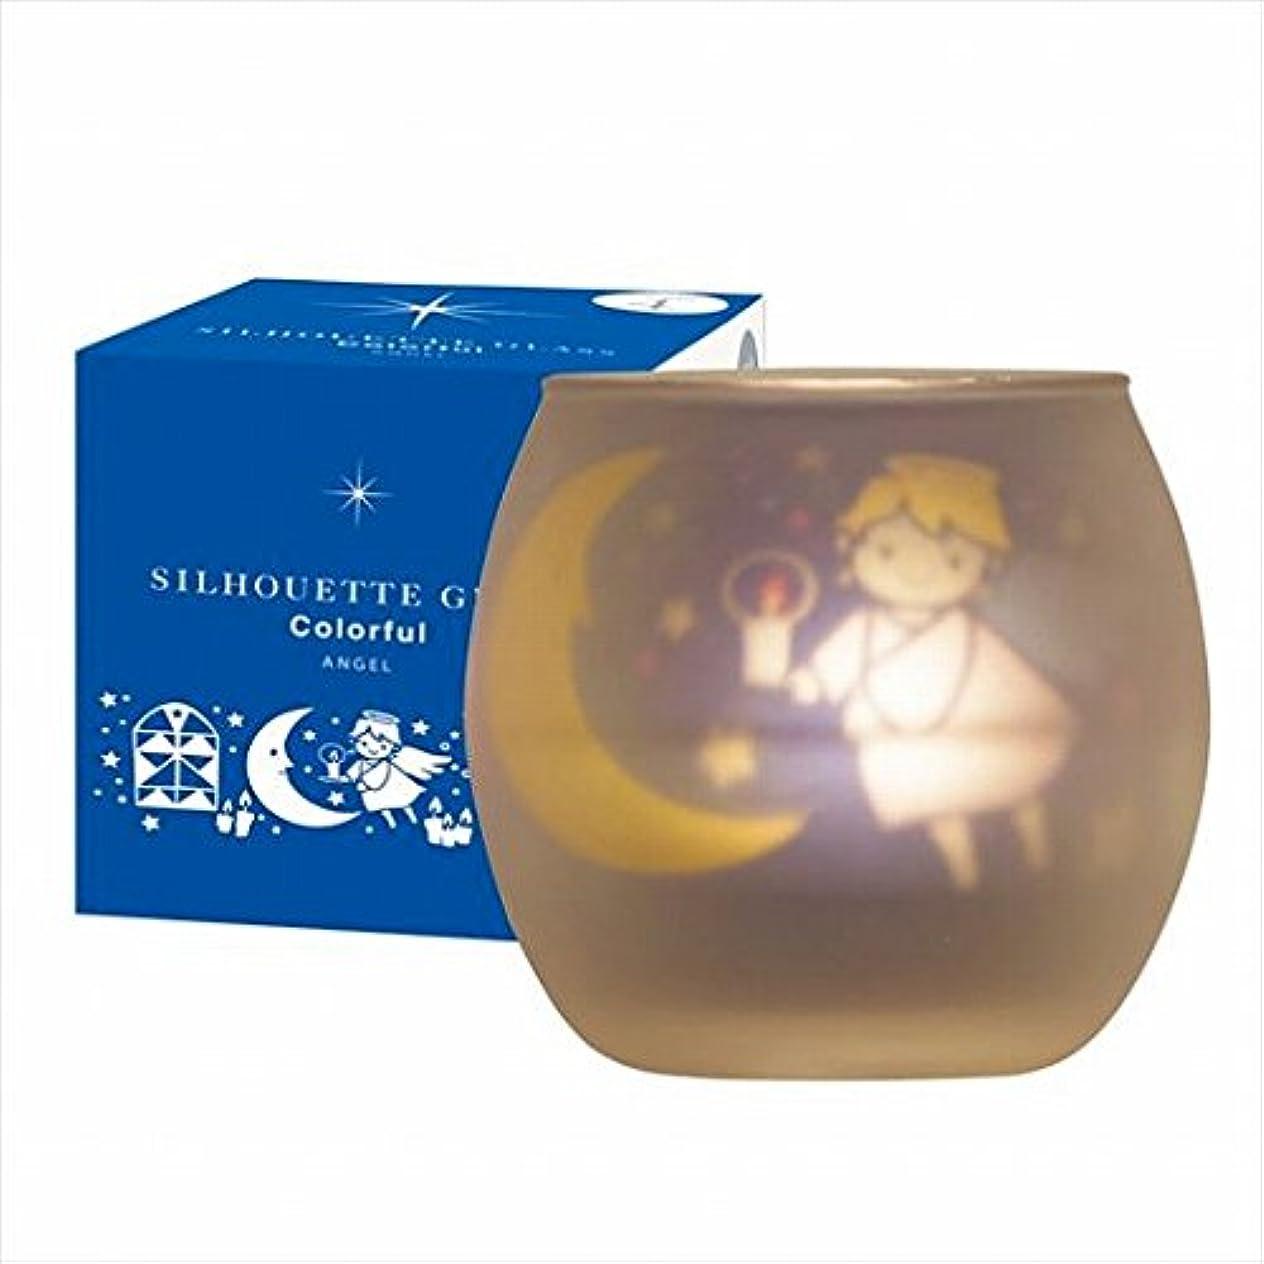 リーフレット固執迷信カメヤマキャンドル(kameyama candle) シルエットグラスカラフルエンジェル【キャンドル4個付き】